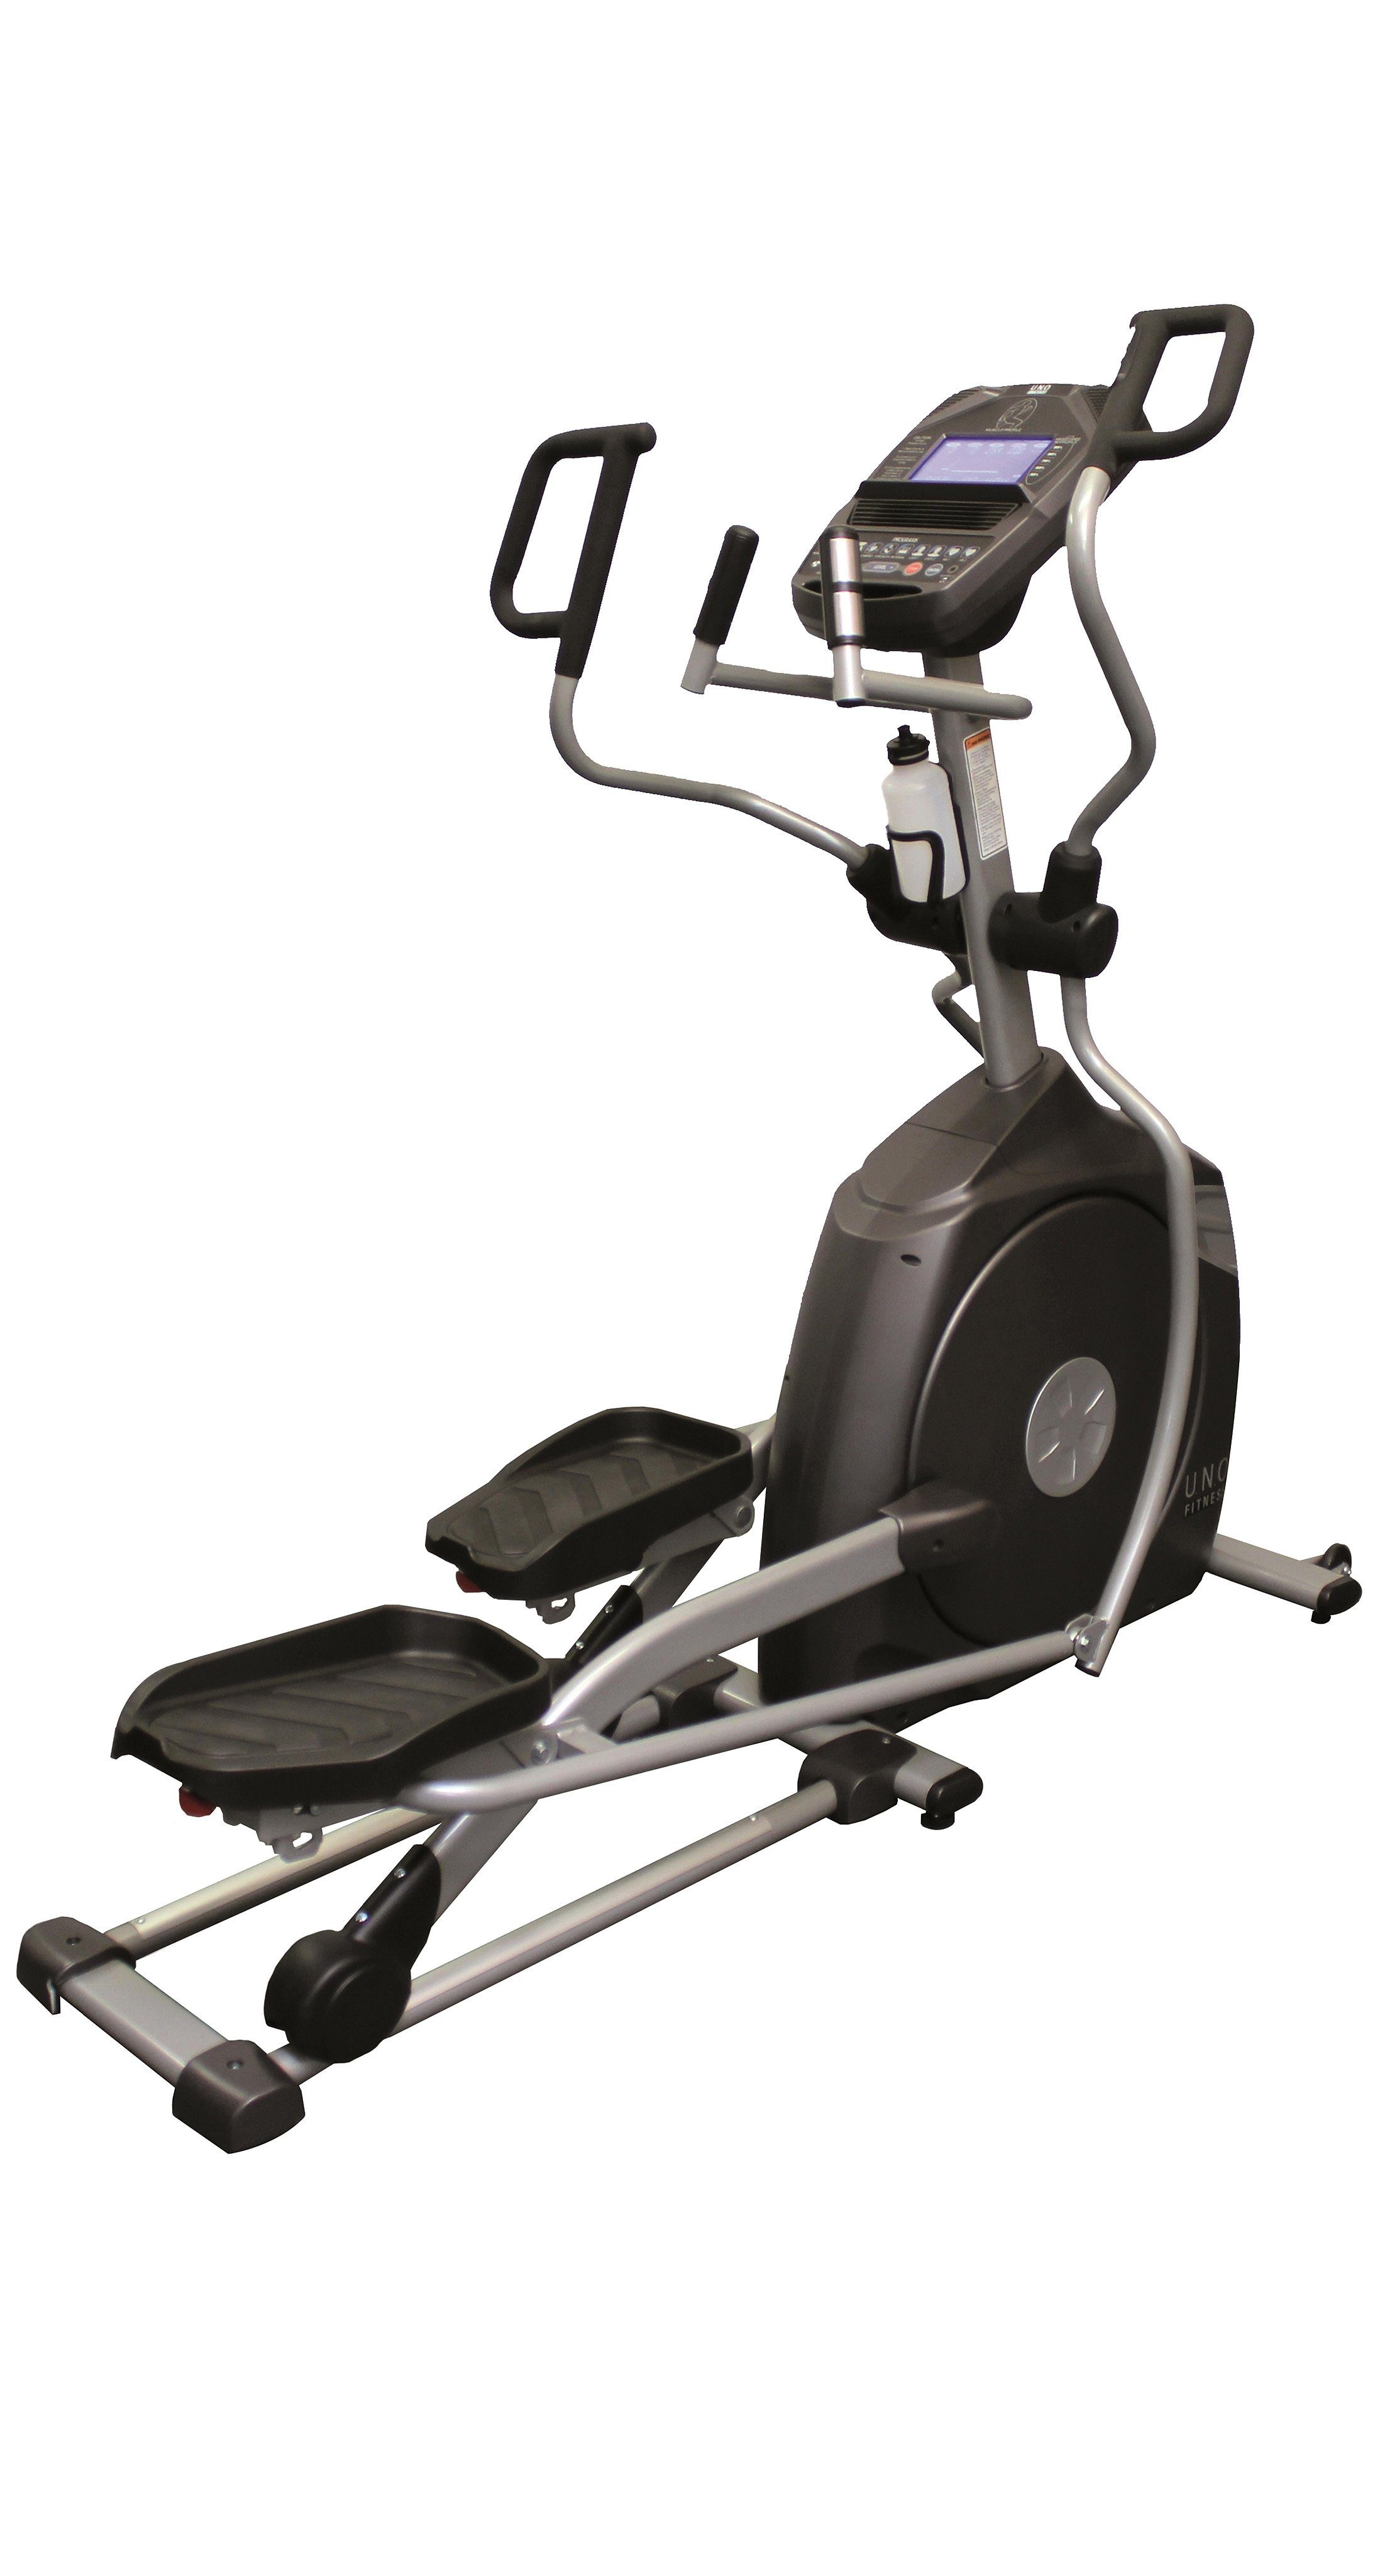 Crosstrainer-Ergometer, »Crosstrainer XE 5.0«, U.N.O.® FITNESS